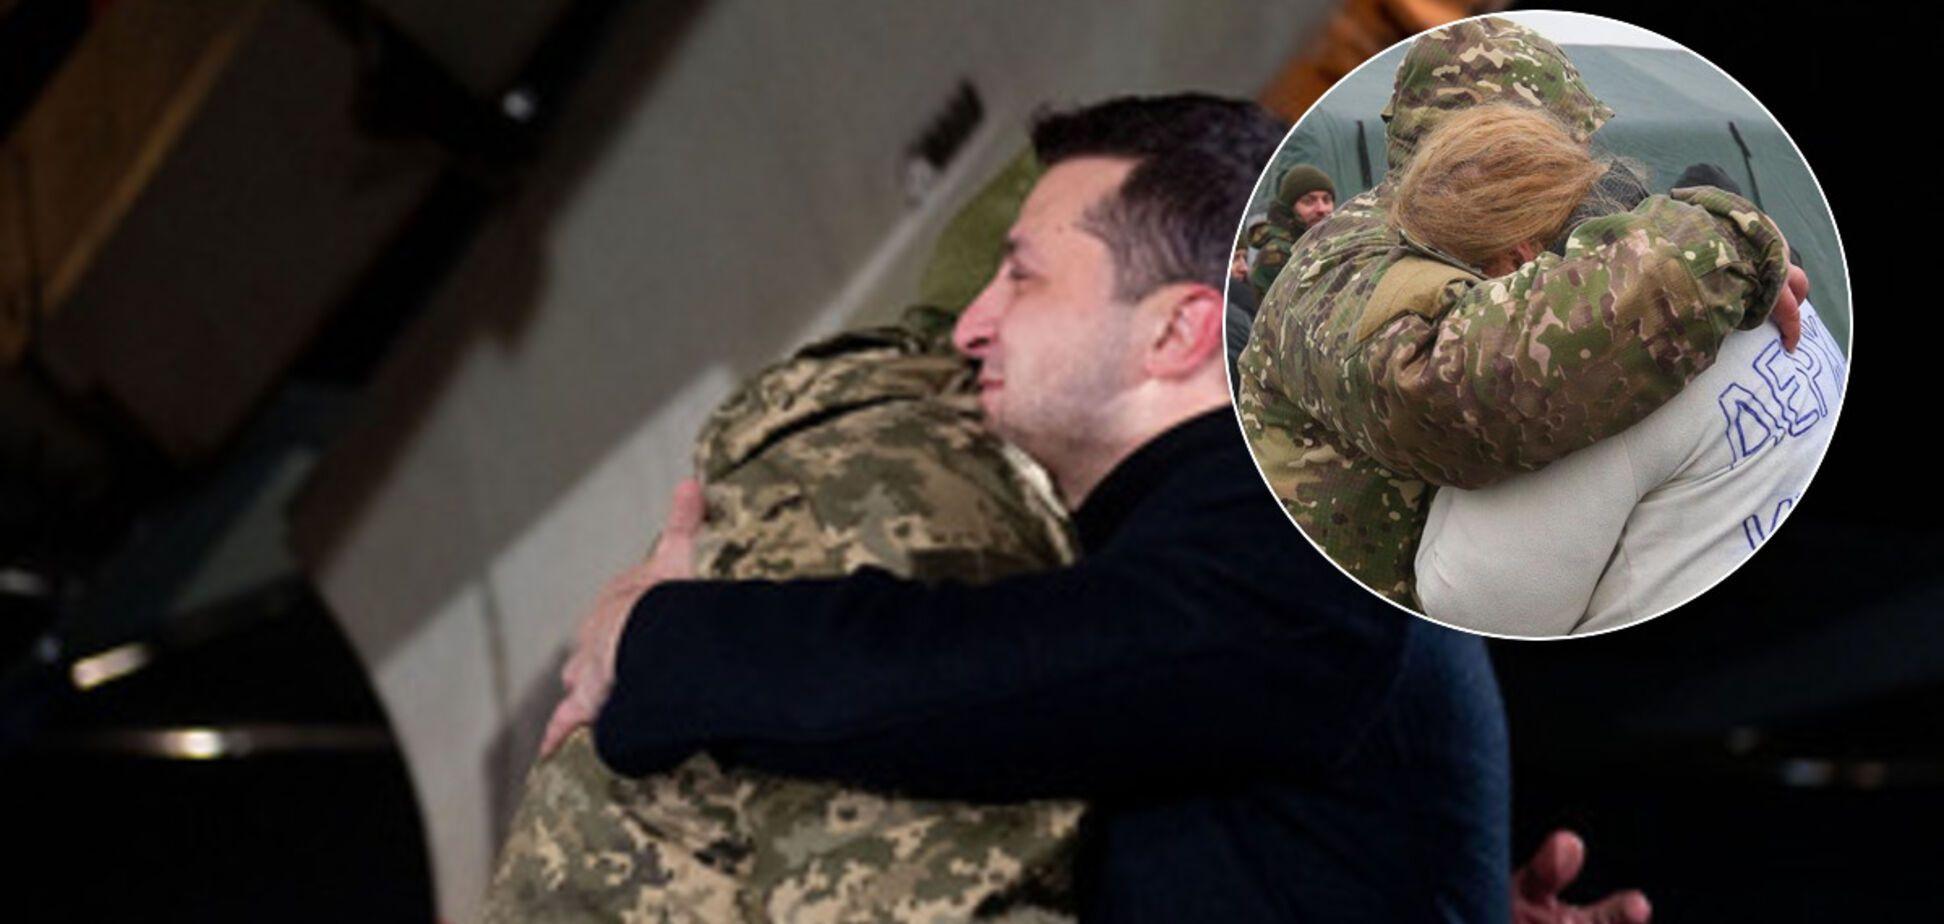 Без паспорта и денег выселили из санатория: жуткая история освобожденного украинского пленного